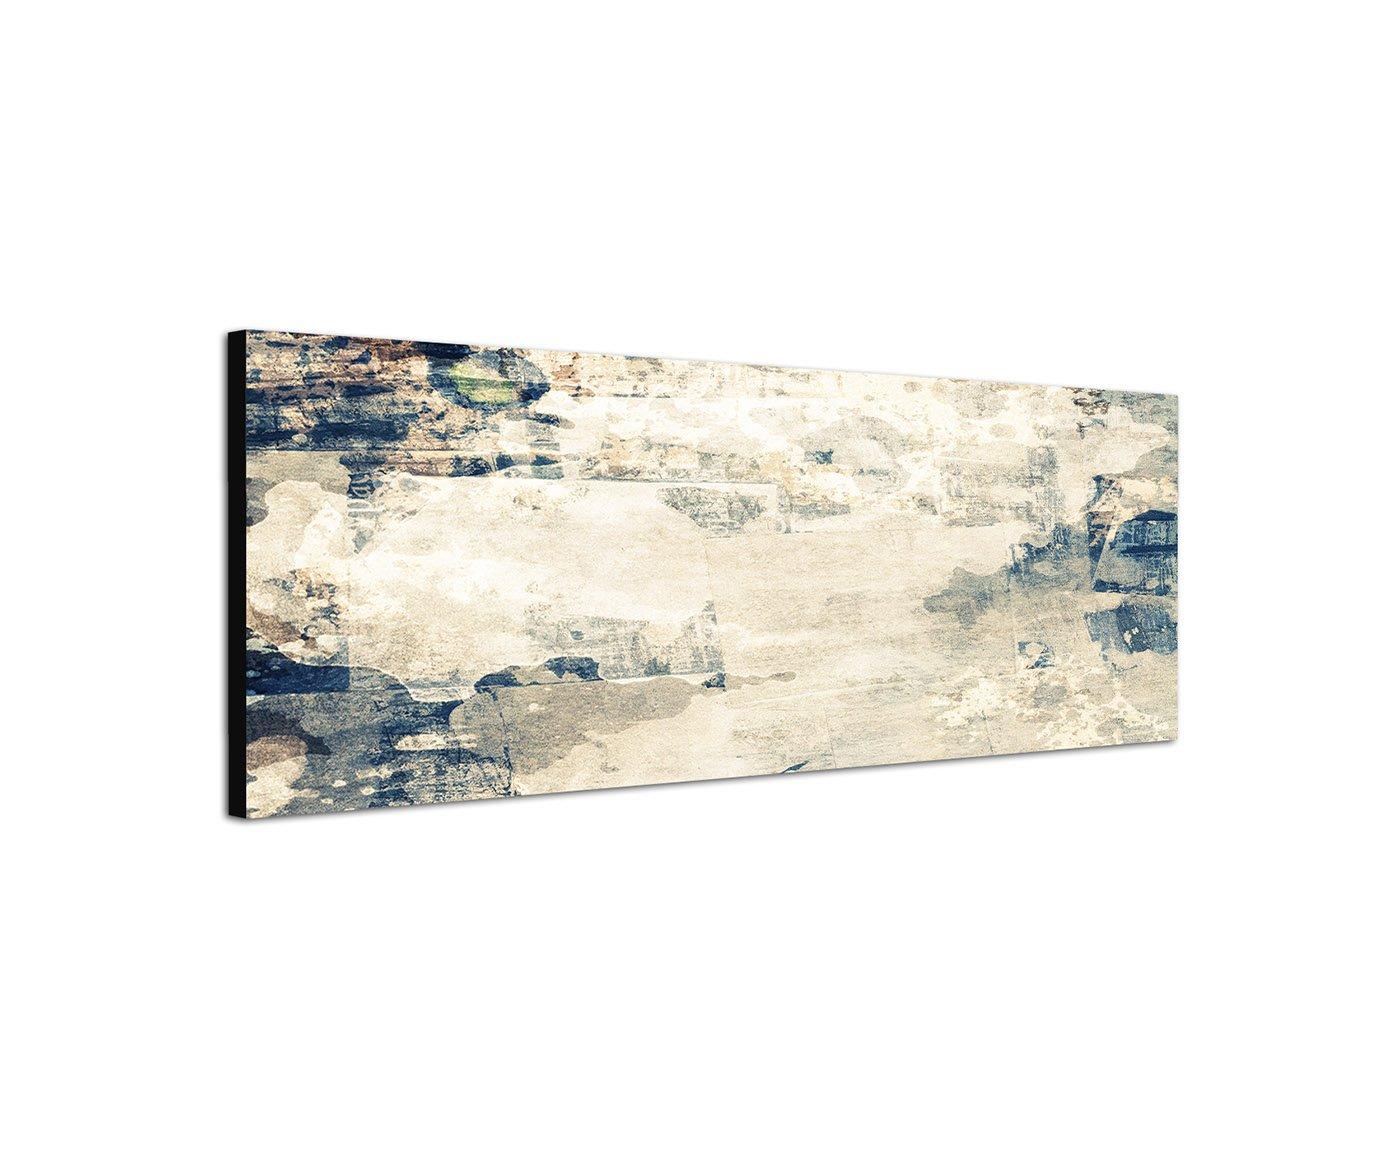 Texture grau blau braun beige 150x50cm Panorama Wandbild auf Leinwand und Keilrahmen fertig zum aufhängen - Unsere Bilder auf Leinwand bestechen durch ihre ungewöhnlichen Formate und den extrem detaillierten Druck aus bis zu 100 Megapixel hoch aufgelösten